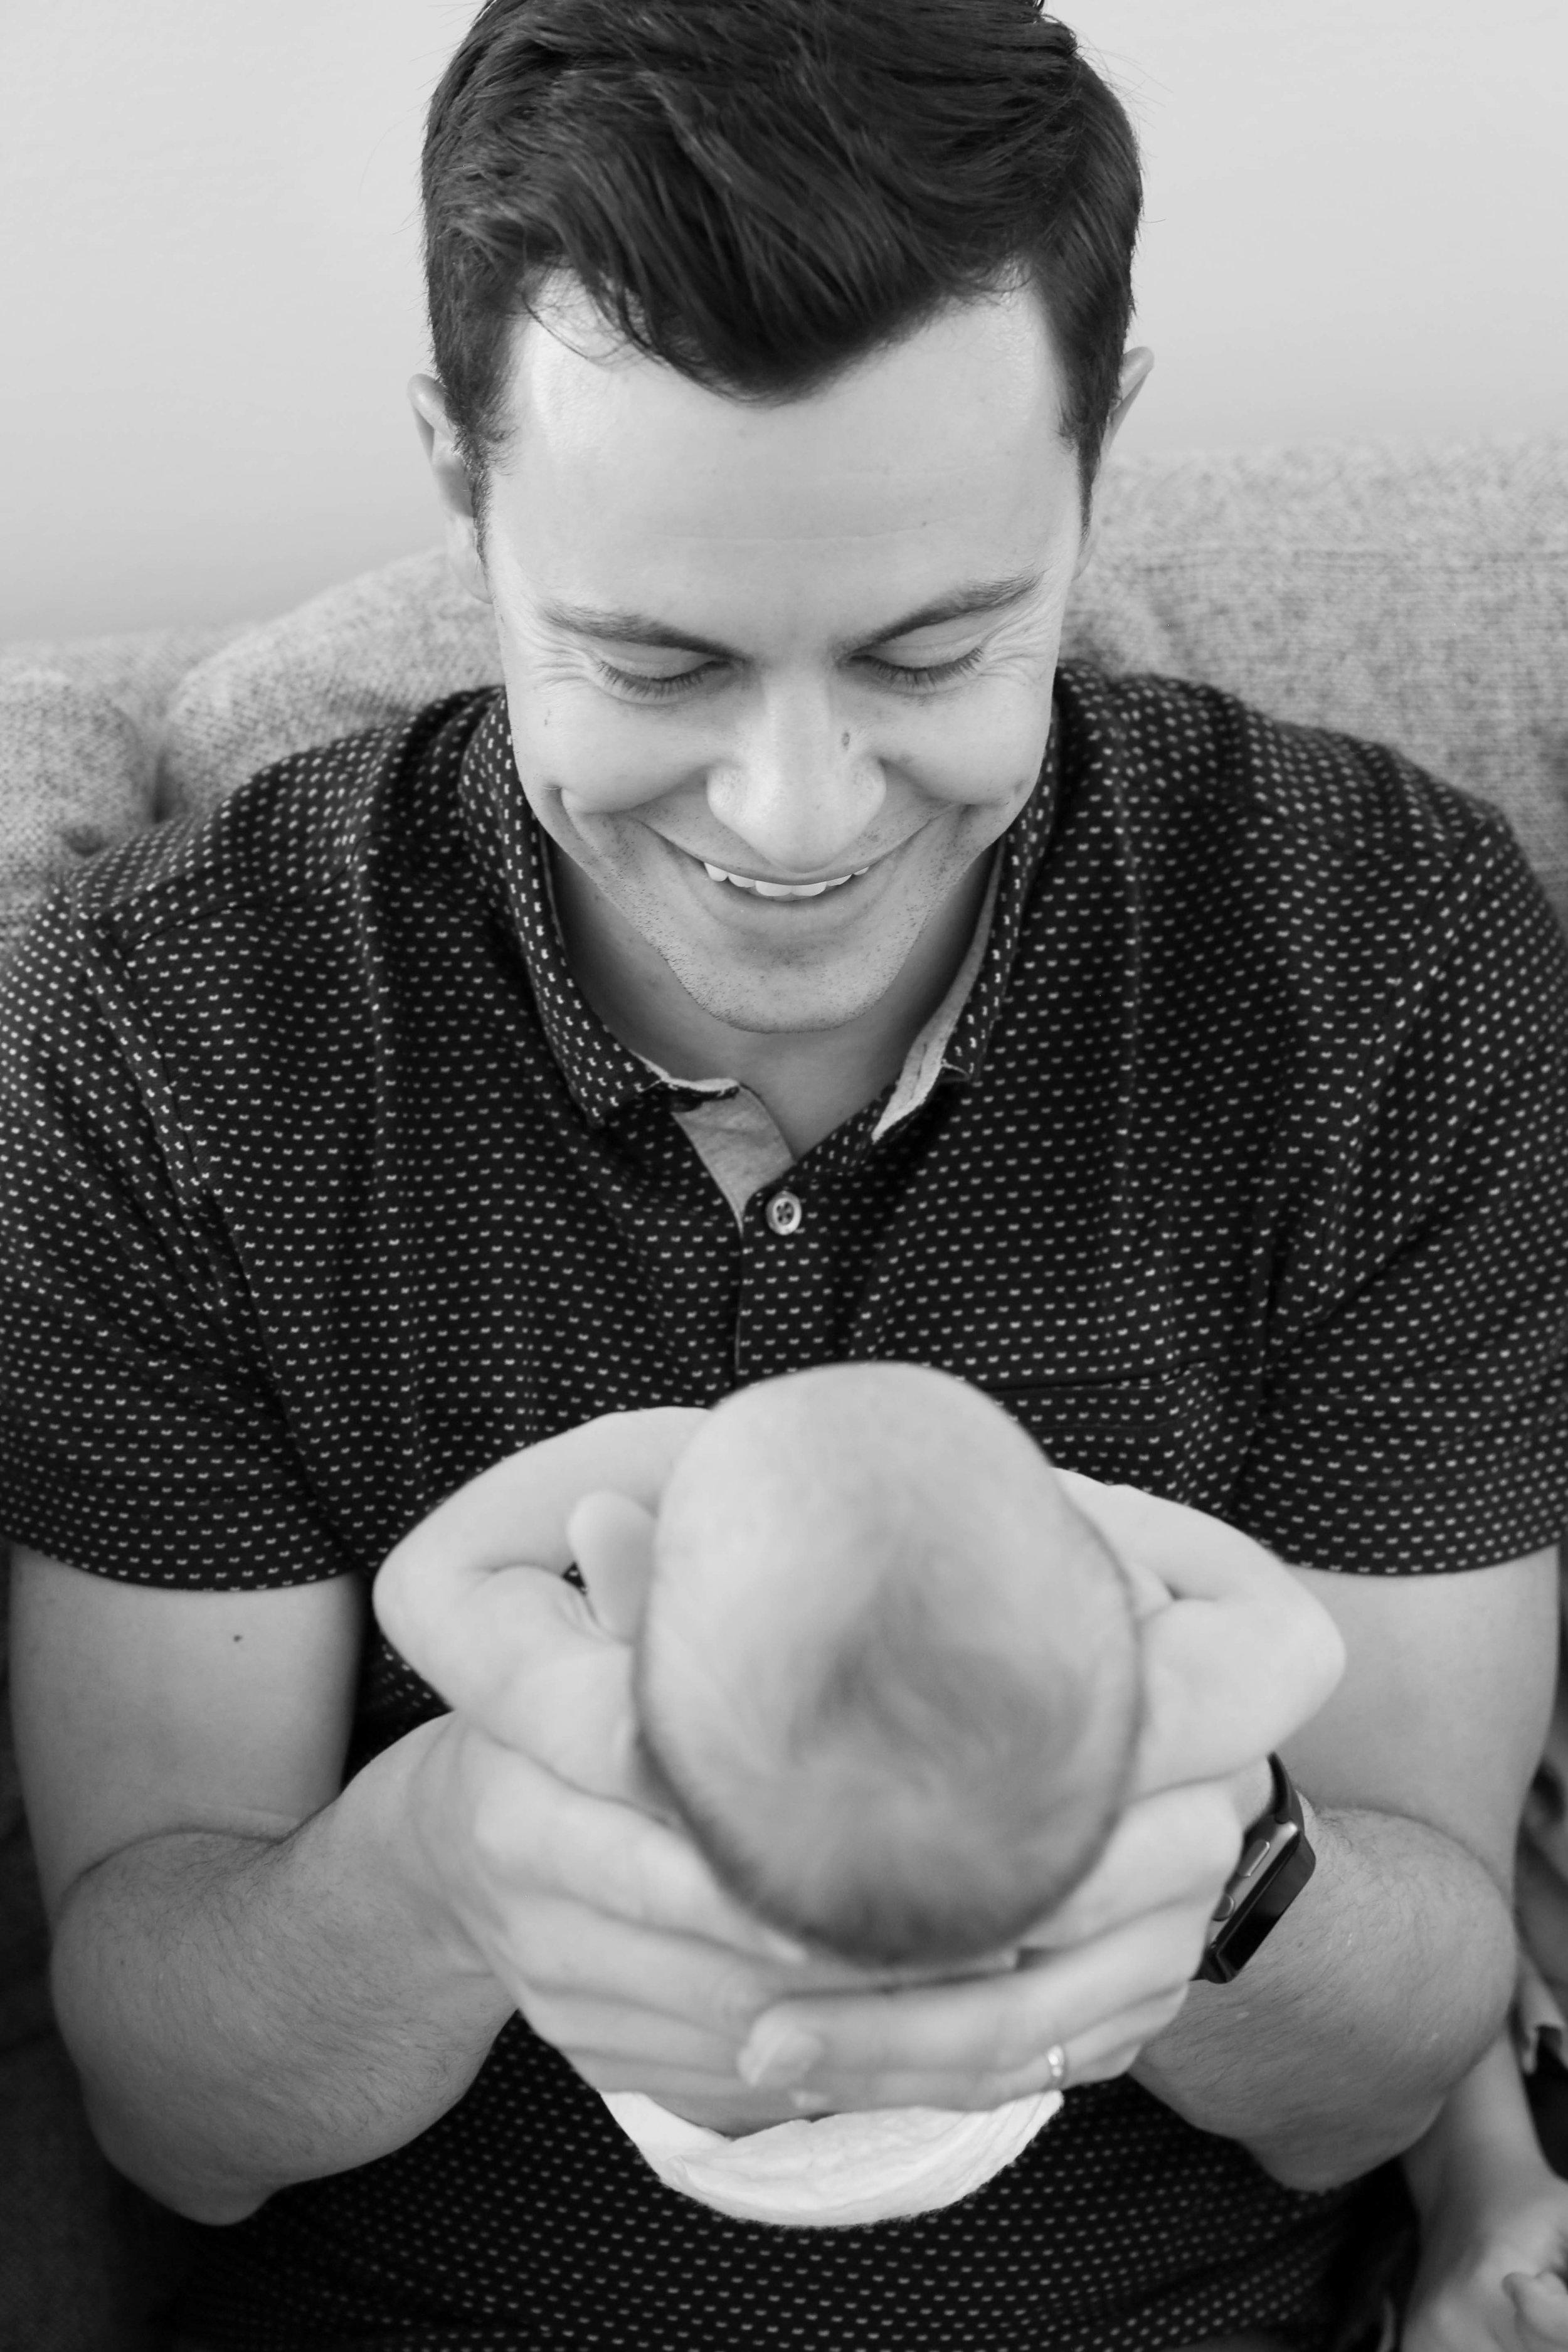 O Newborn-139.jpg